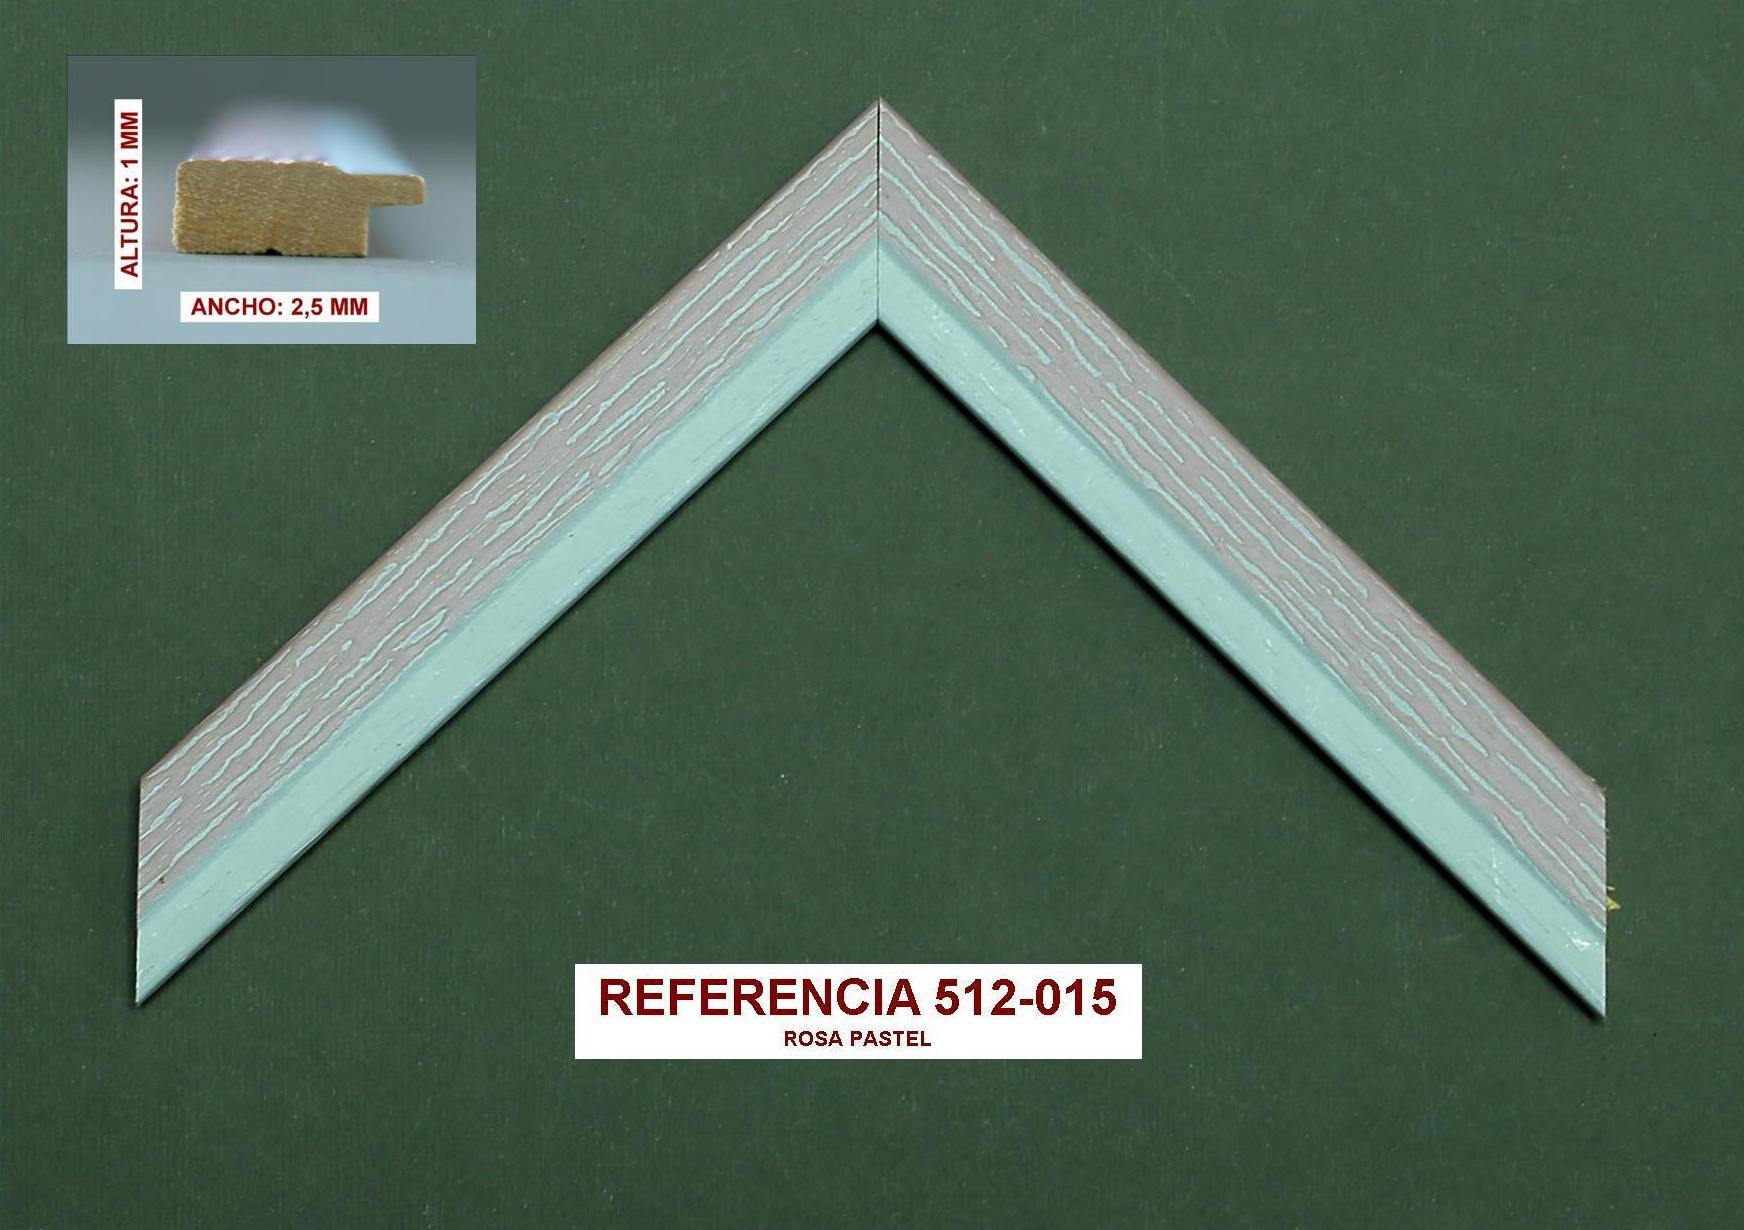 REF 512-015: Muestrario de Moldusevilla